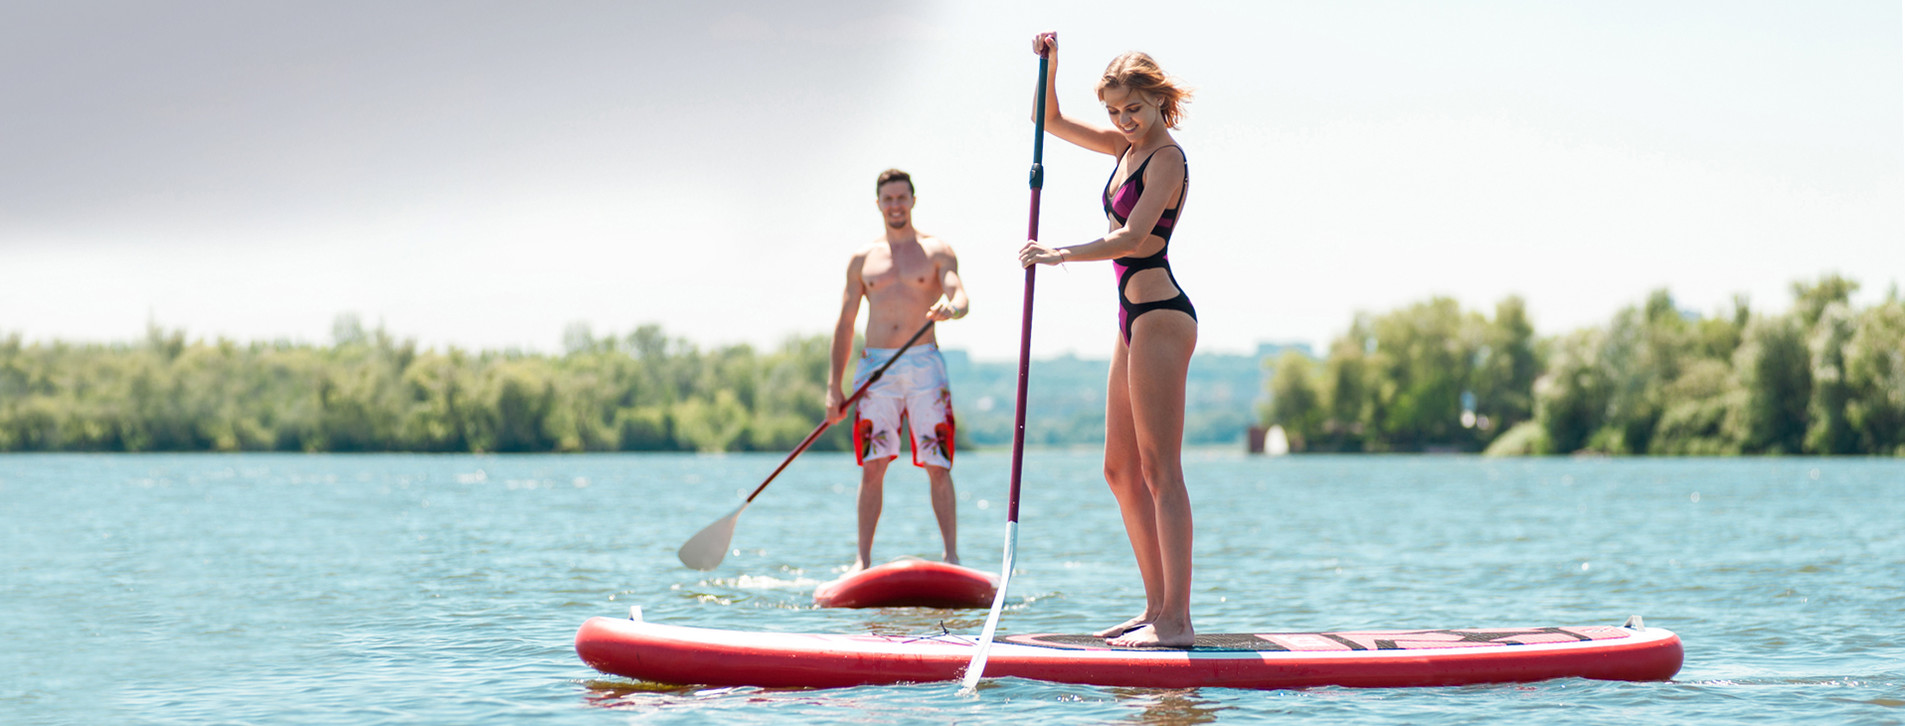 Фото - SUP-серфінг для двох